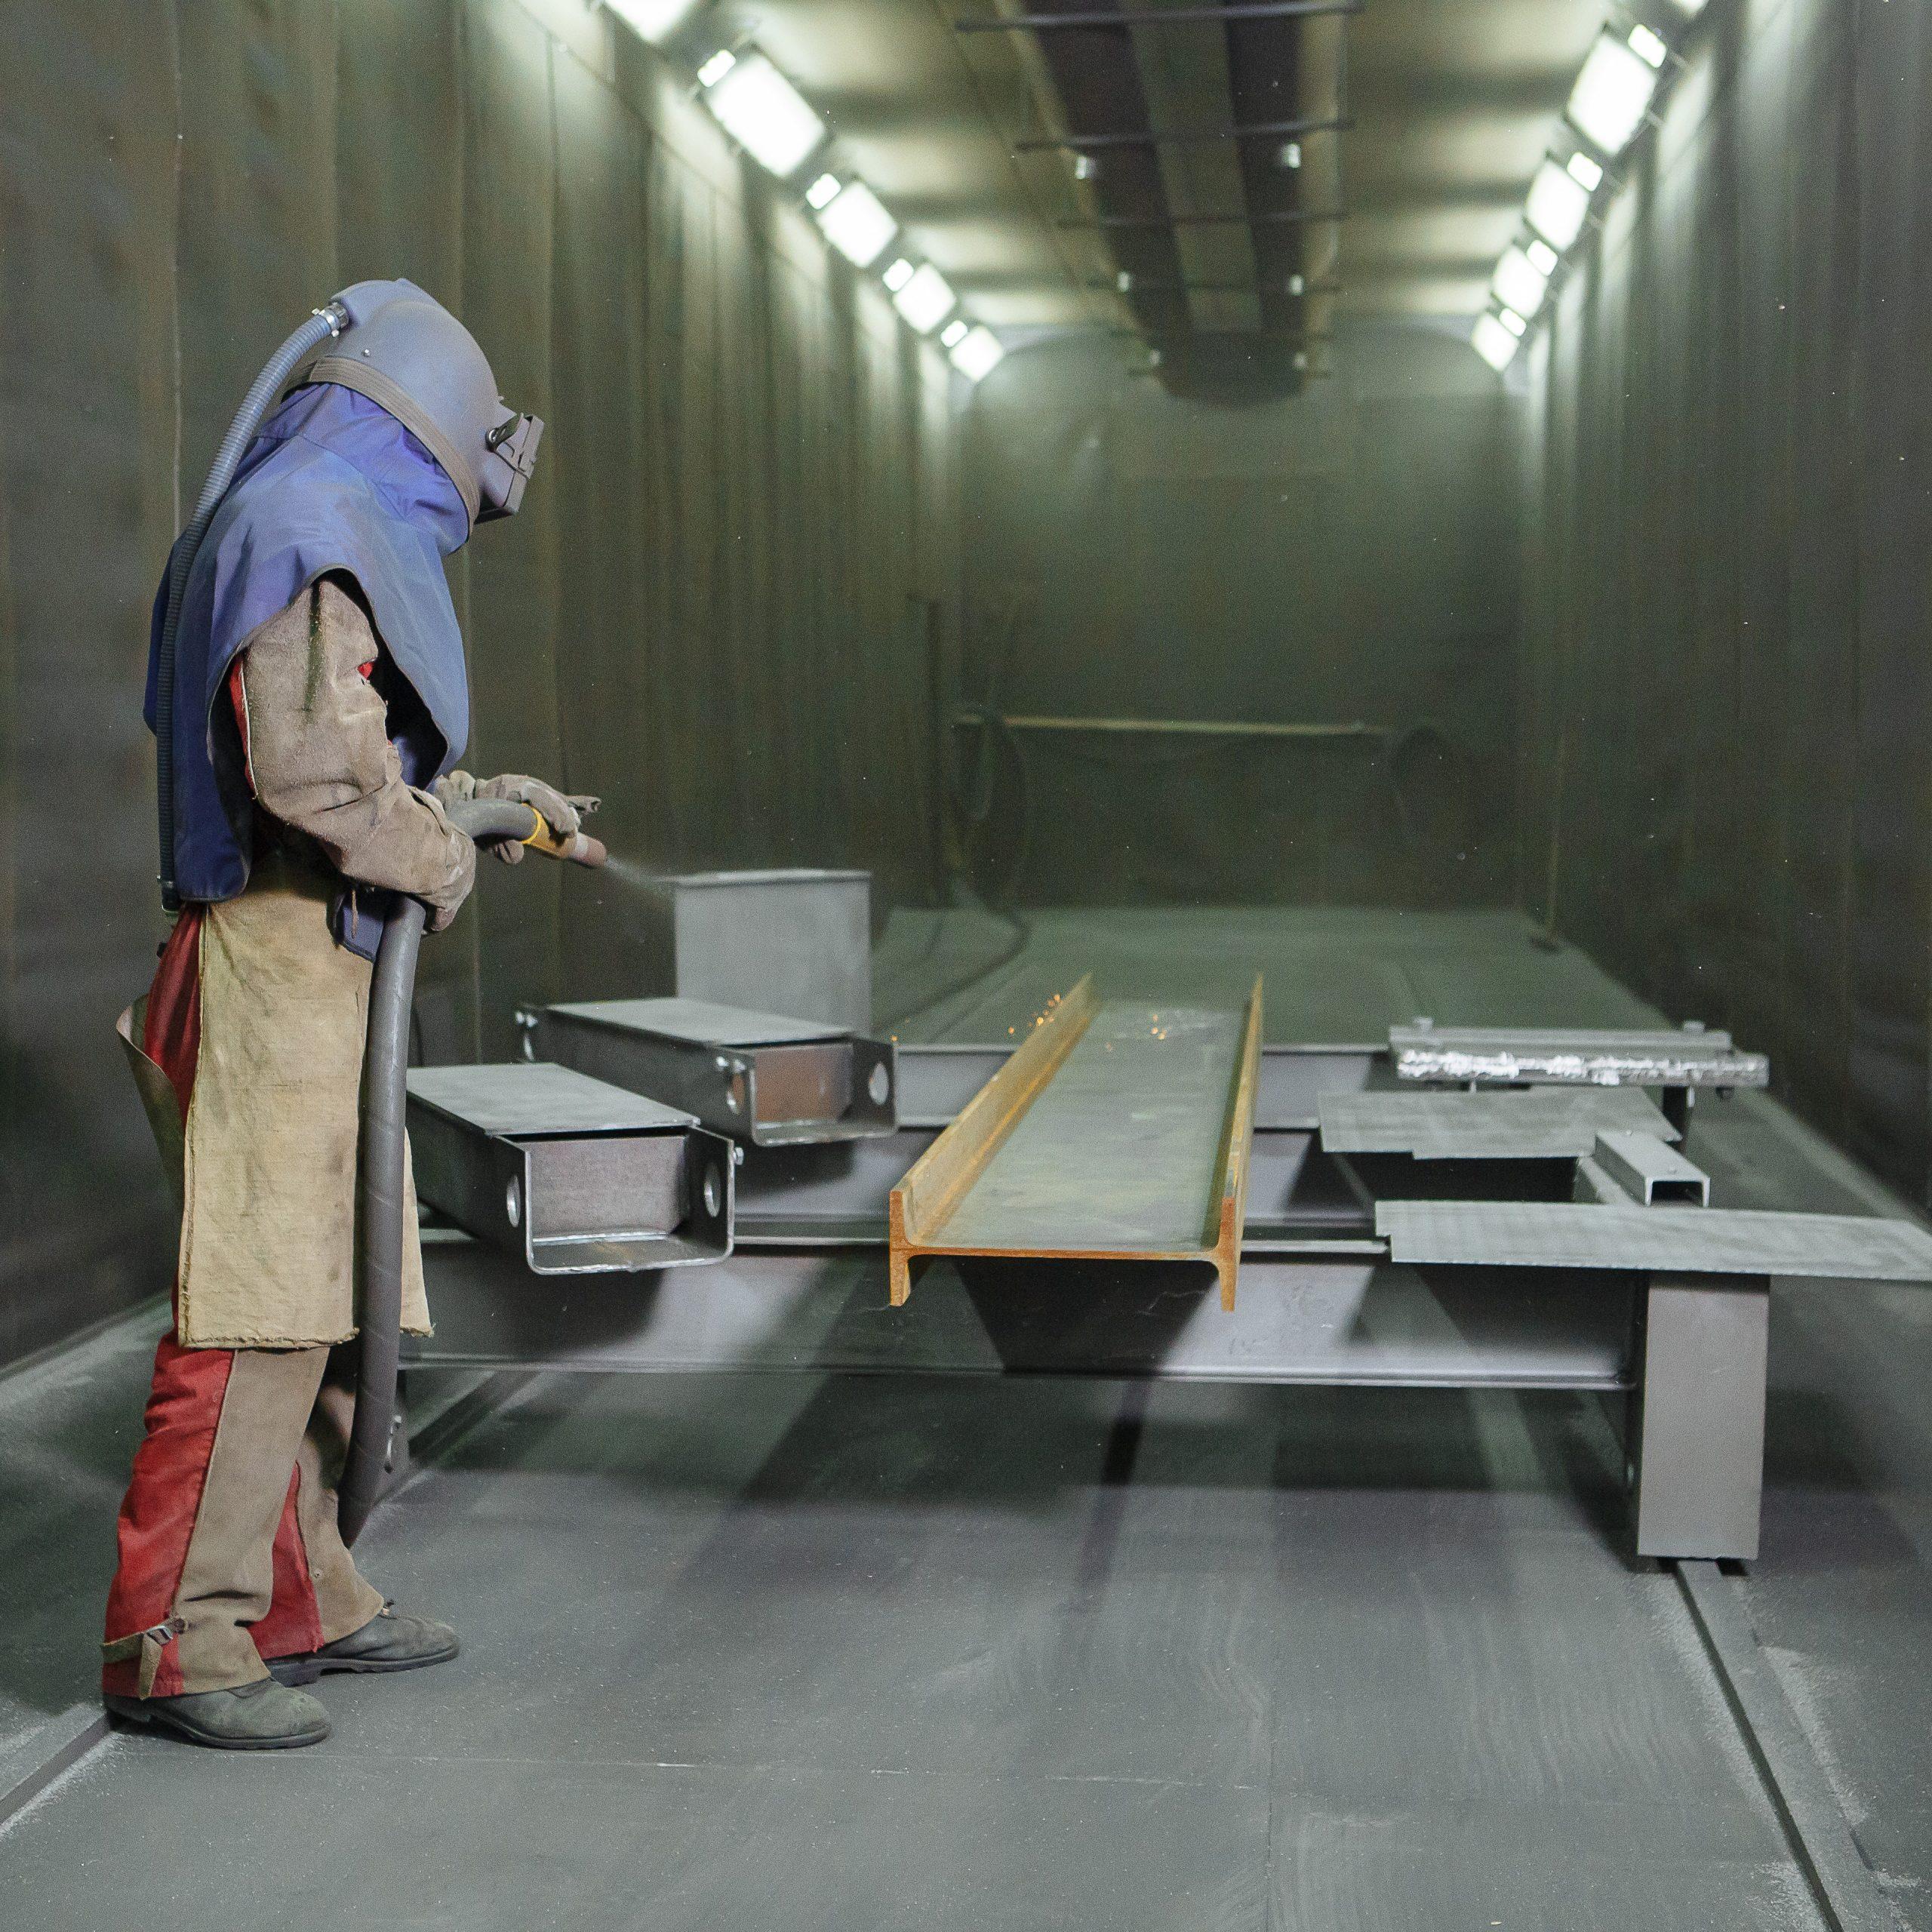 Vađenje kabina za miniranje i eksploziva